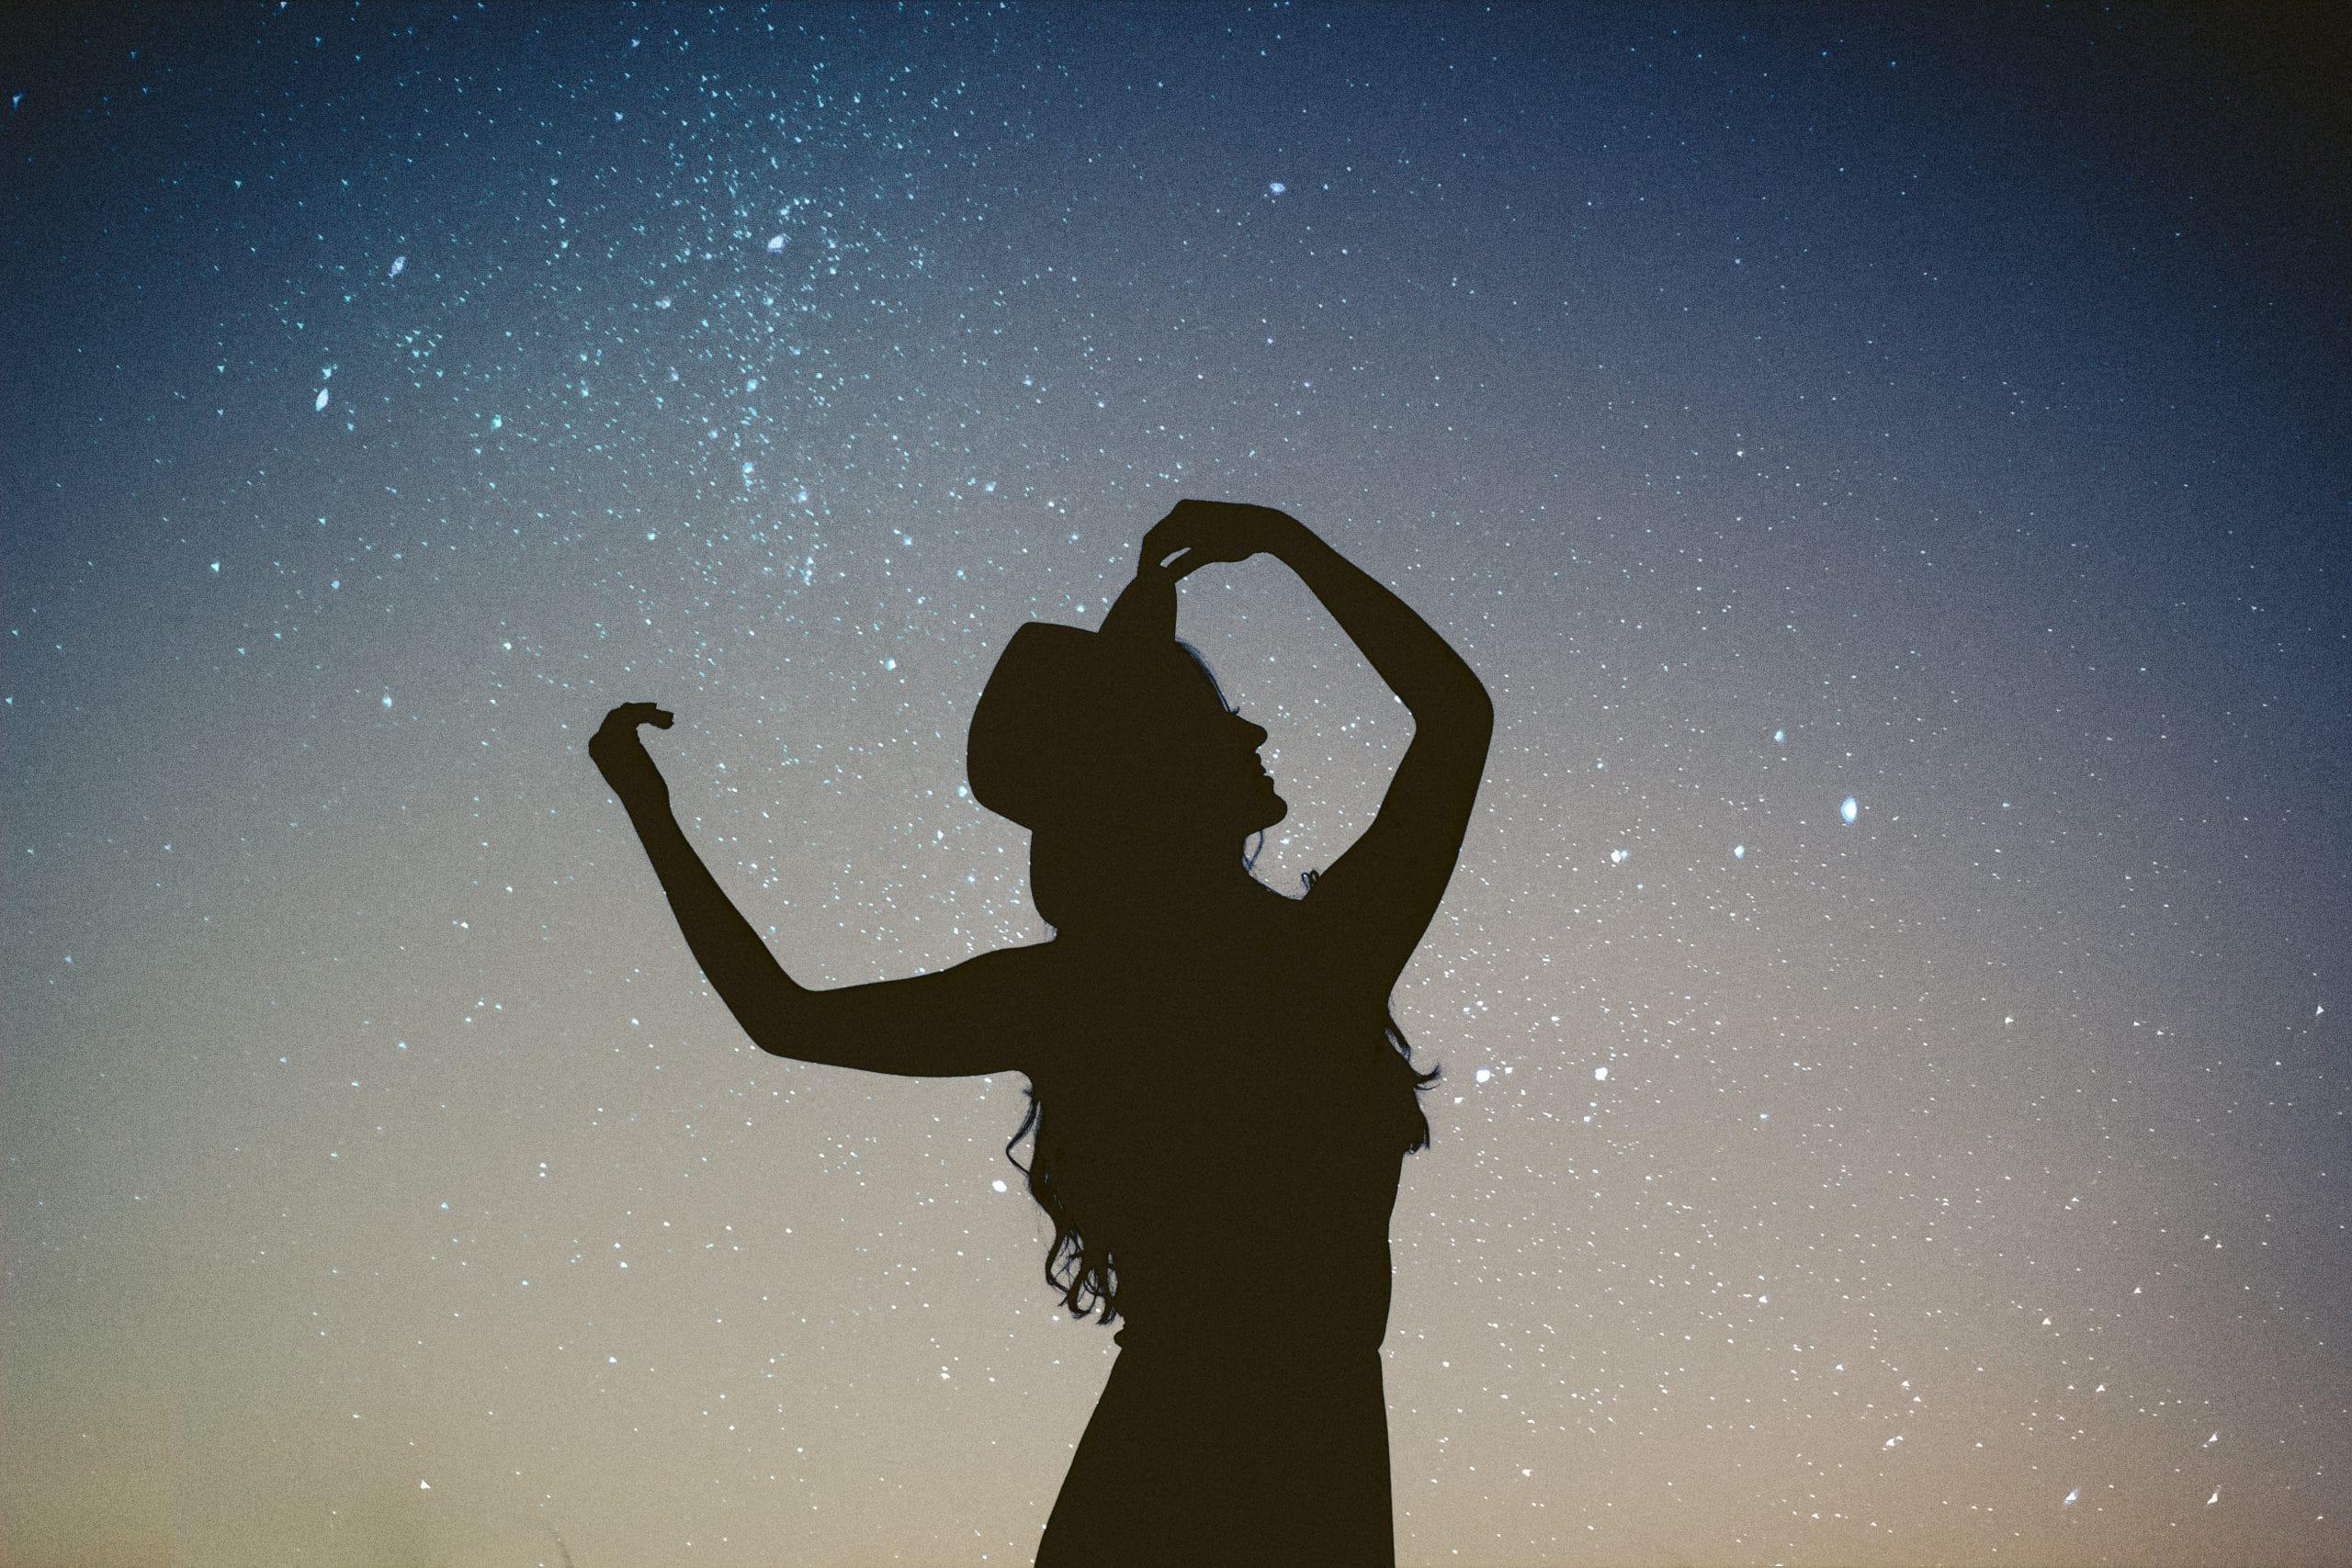 Silhueta de mulher com céu estrelado ao fundo